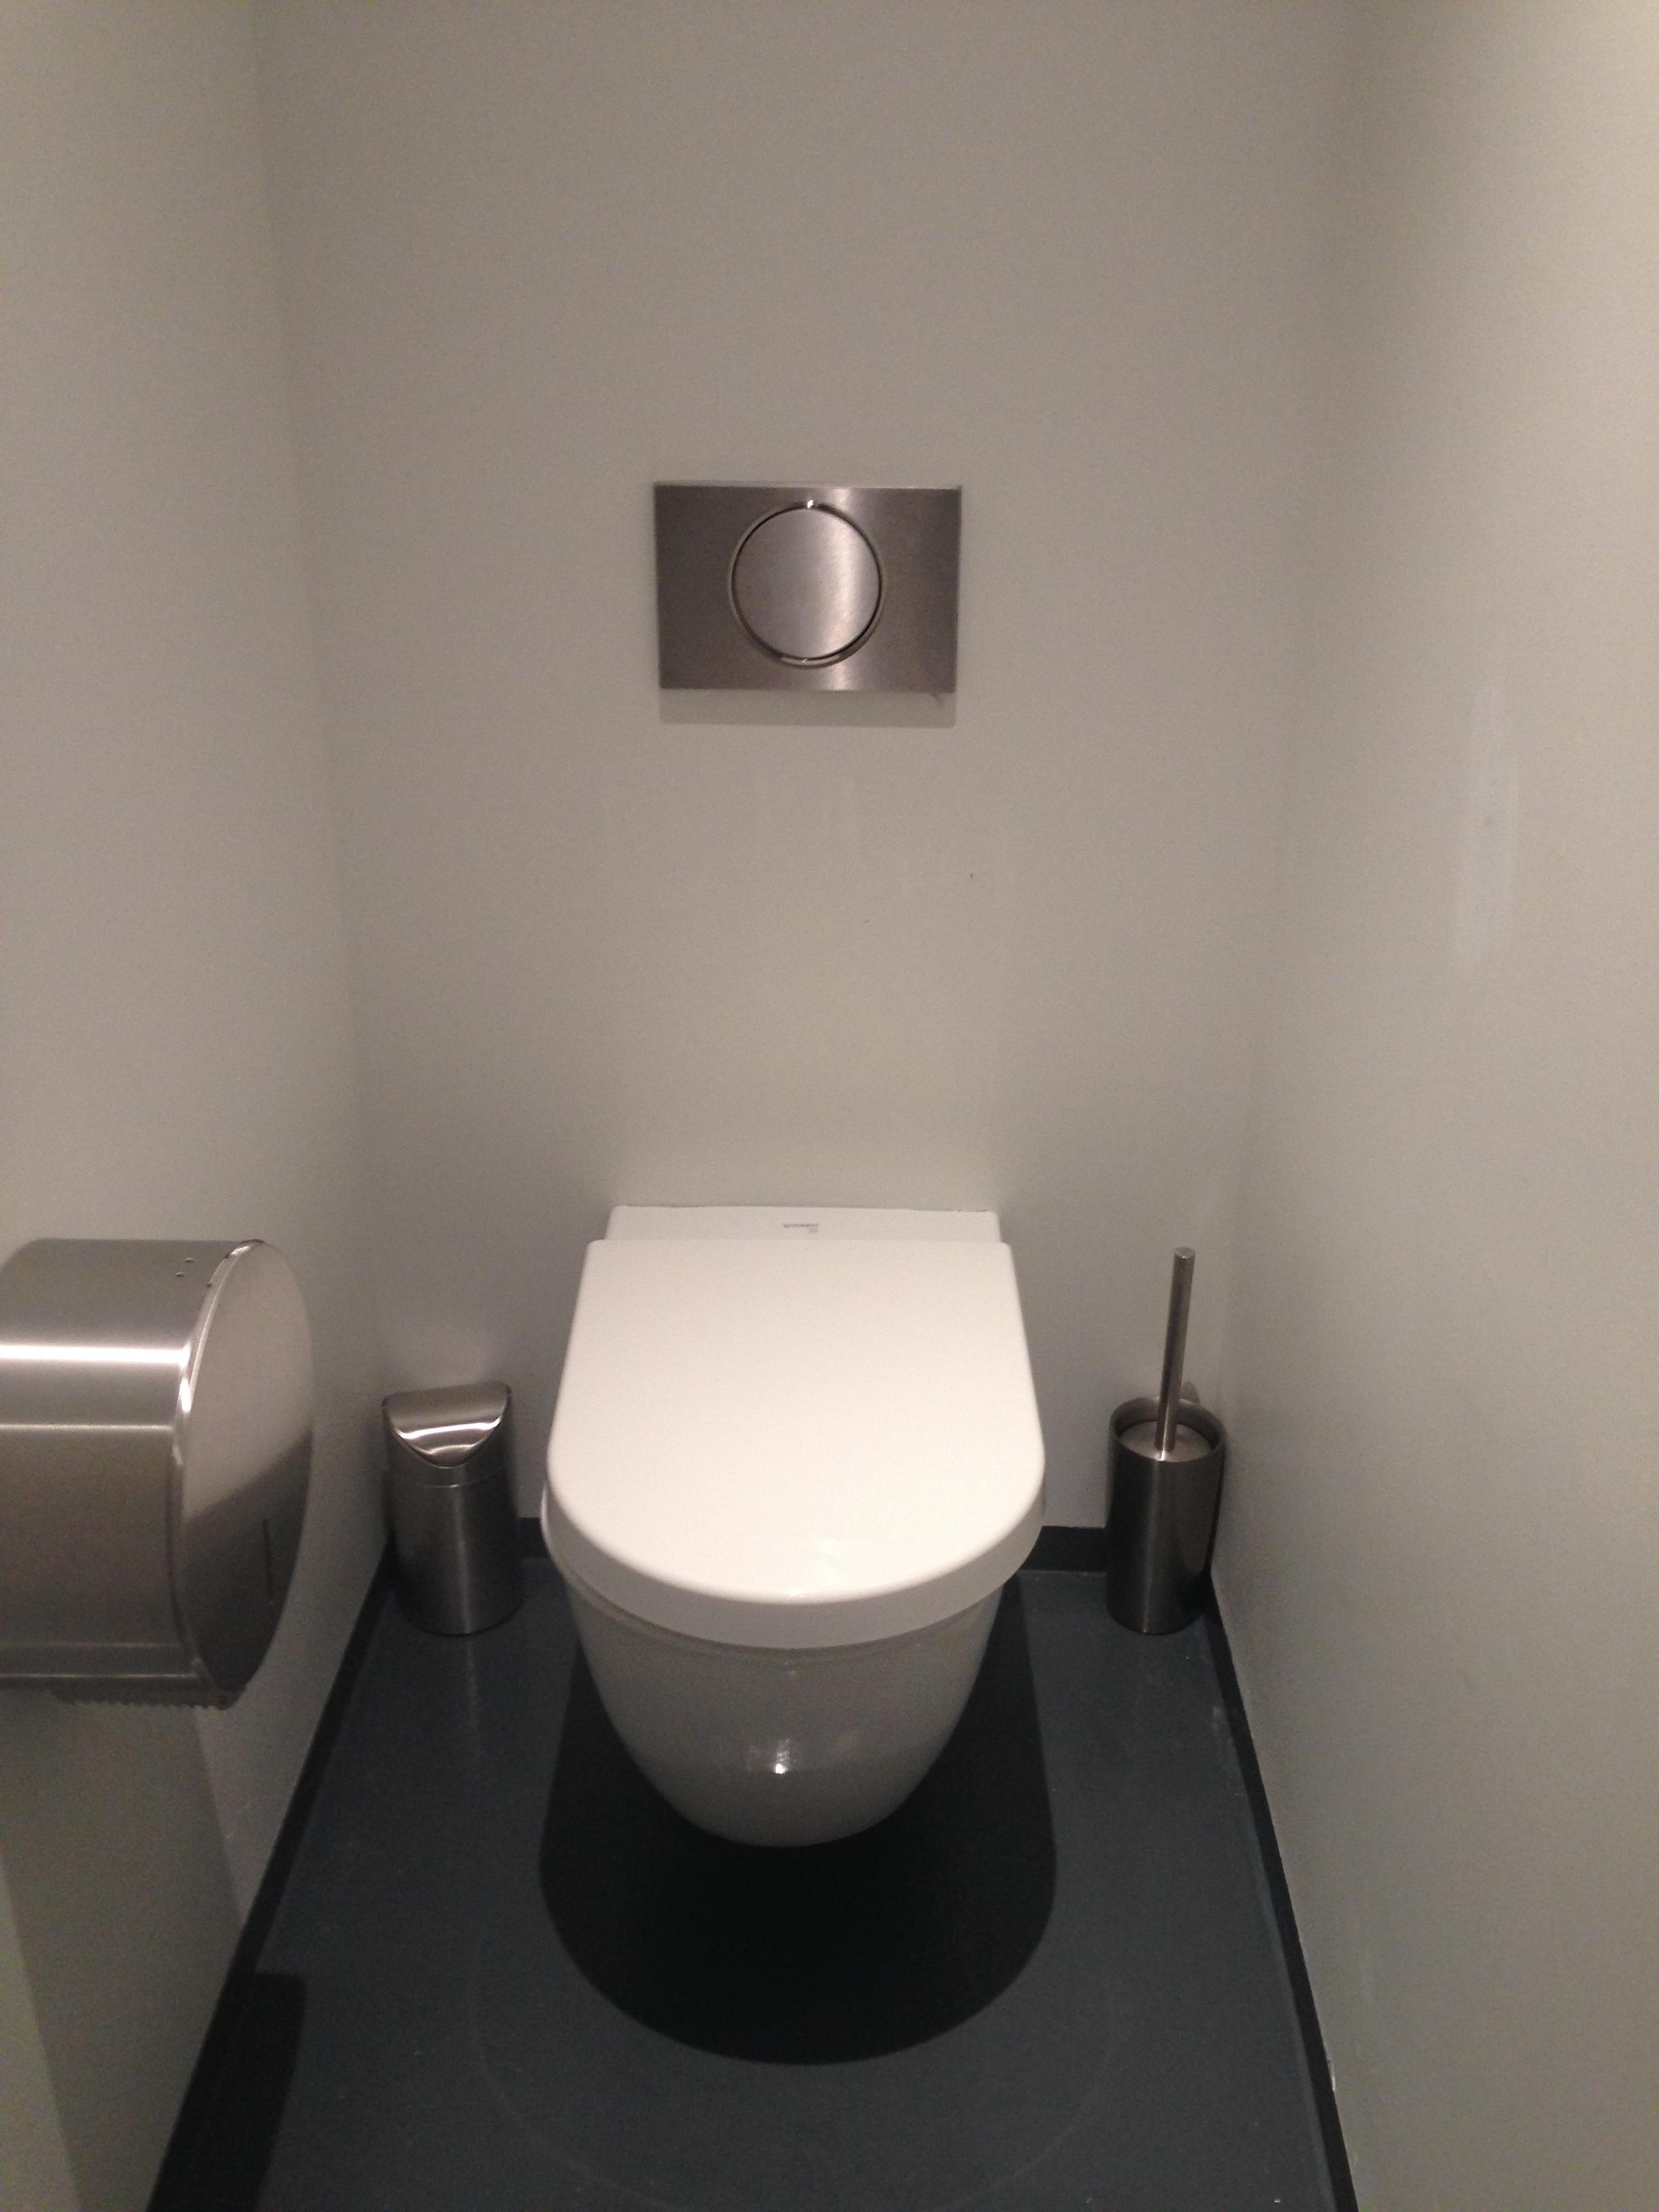 trash bin? toilet brush? toilet paper? toilet? check check check check :)